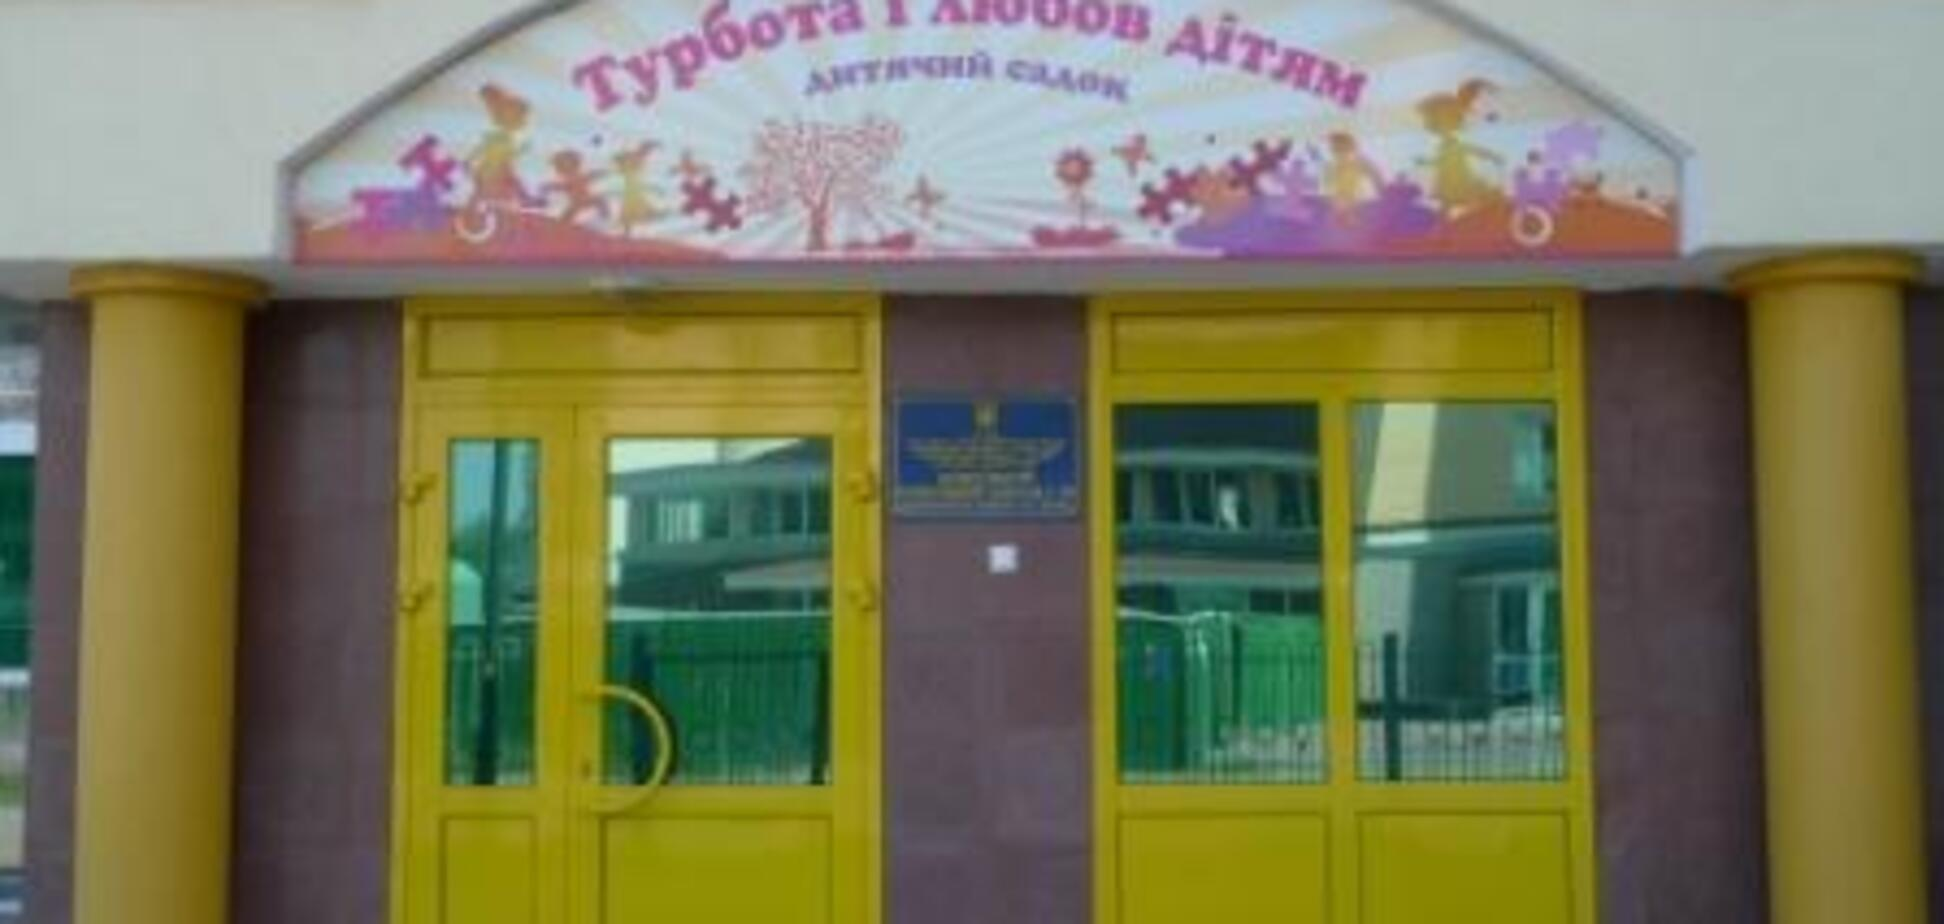 'Дитина стане вигнанцем': у мережі вибухнув скандал навколо дорогого дитячого садка у Києві